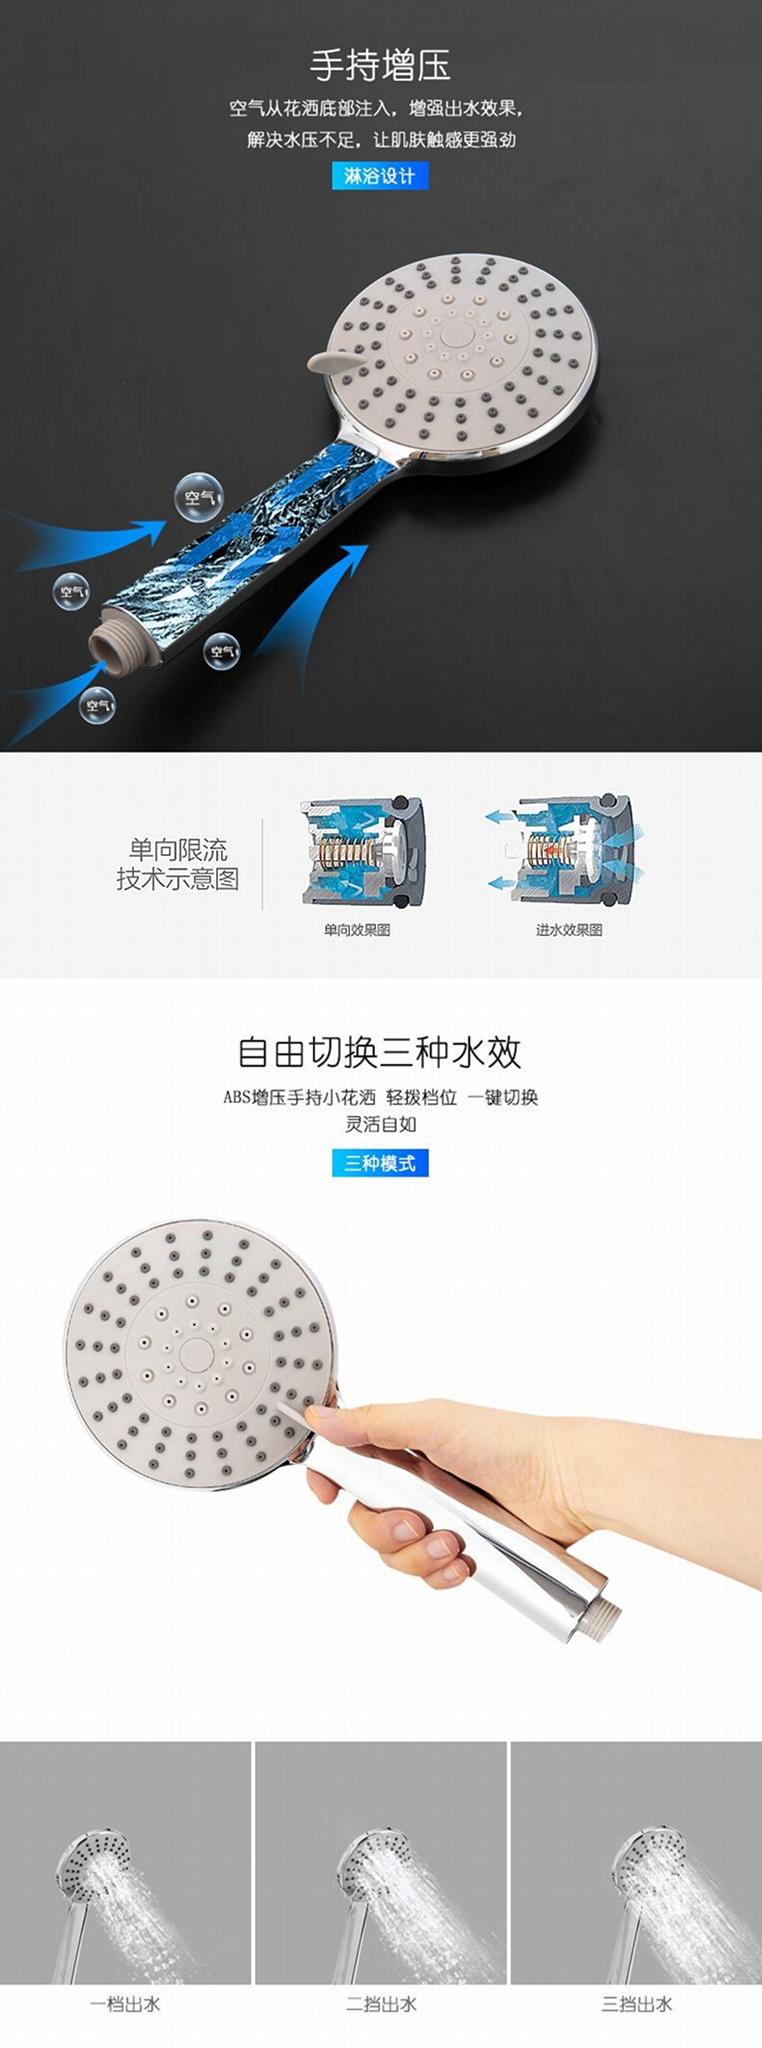 愛尚衛浴廠家直銷冷熱淋浴花灑套裝 3